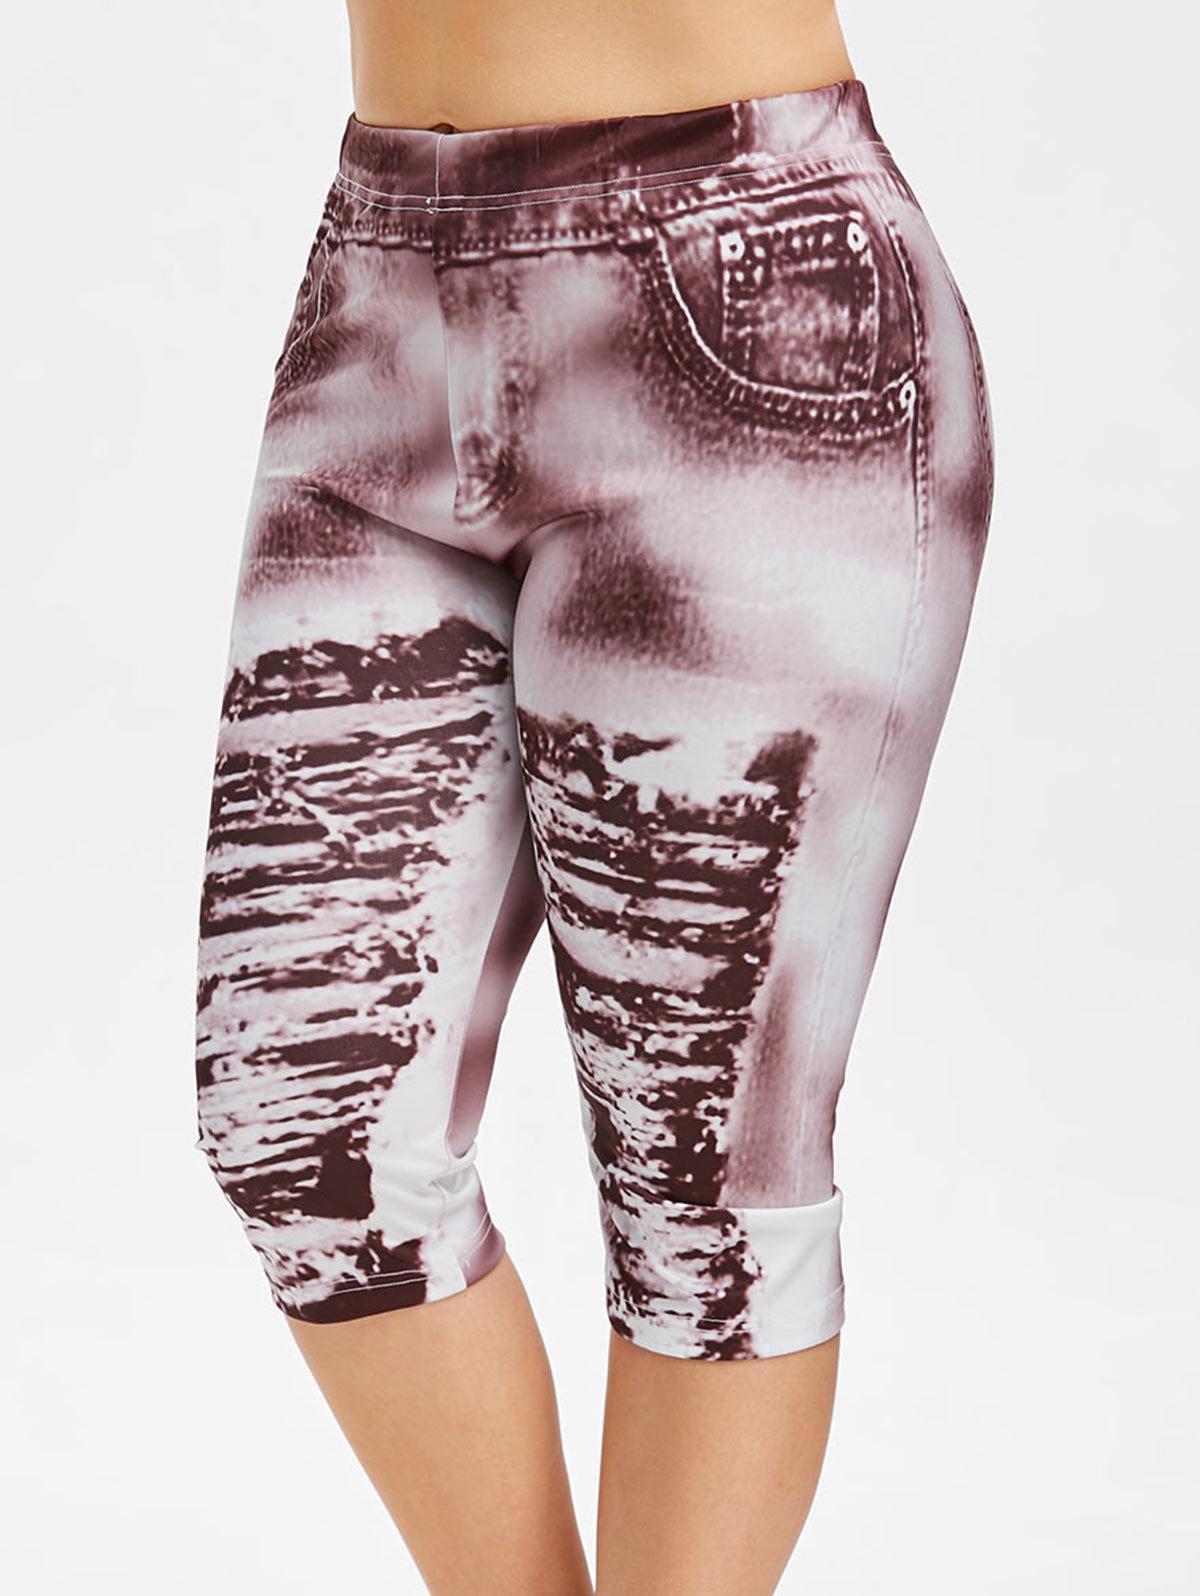 Wipalo Plus Size 3d strappato Jean Print Legging Estate Donna Moda Leggings skinny Vita alta elastica Pantaloni legging Capri Donna Y19072901